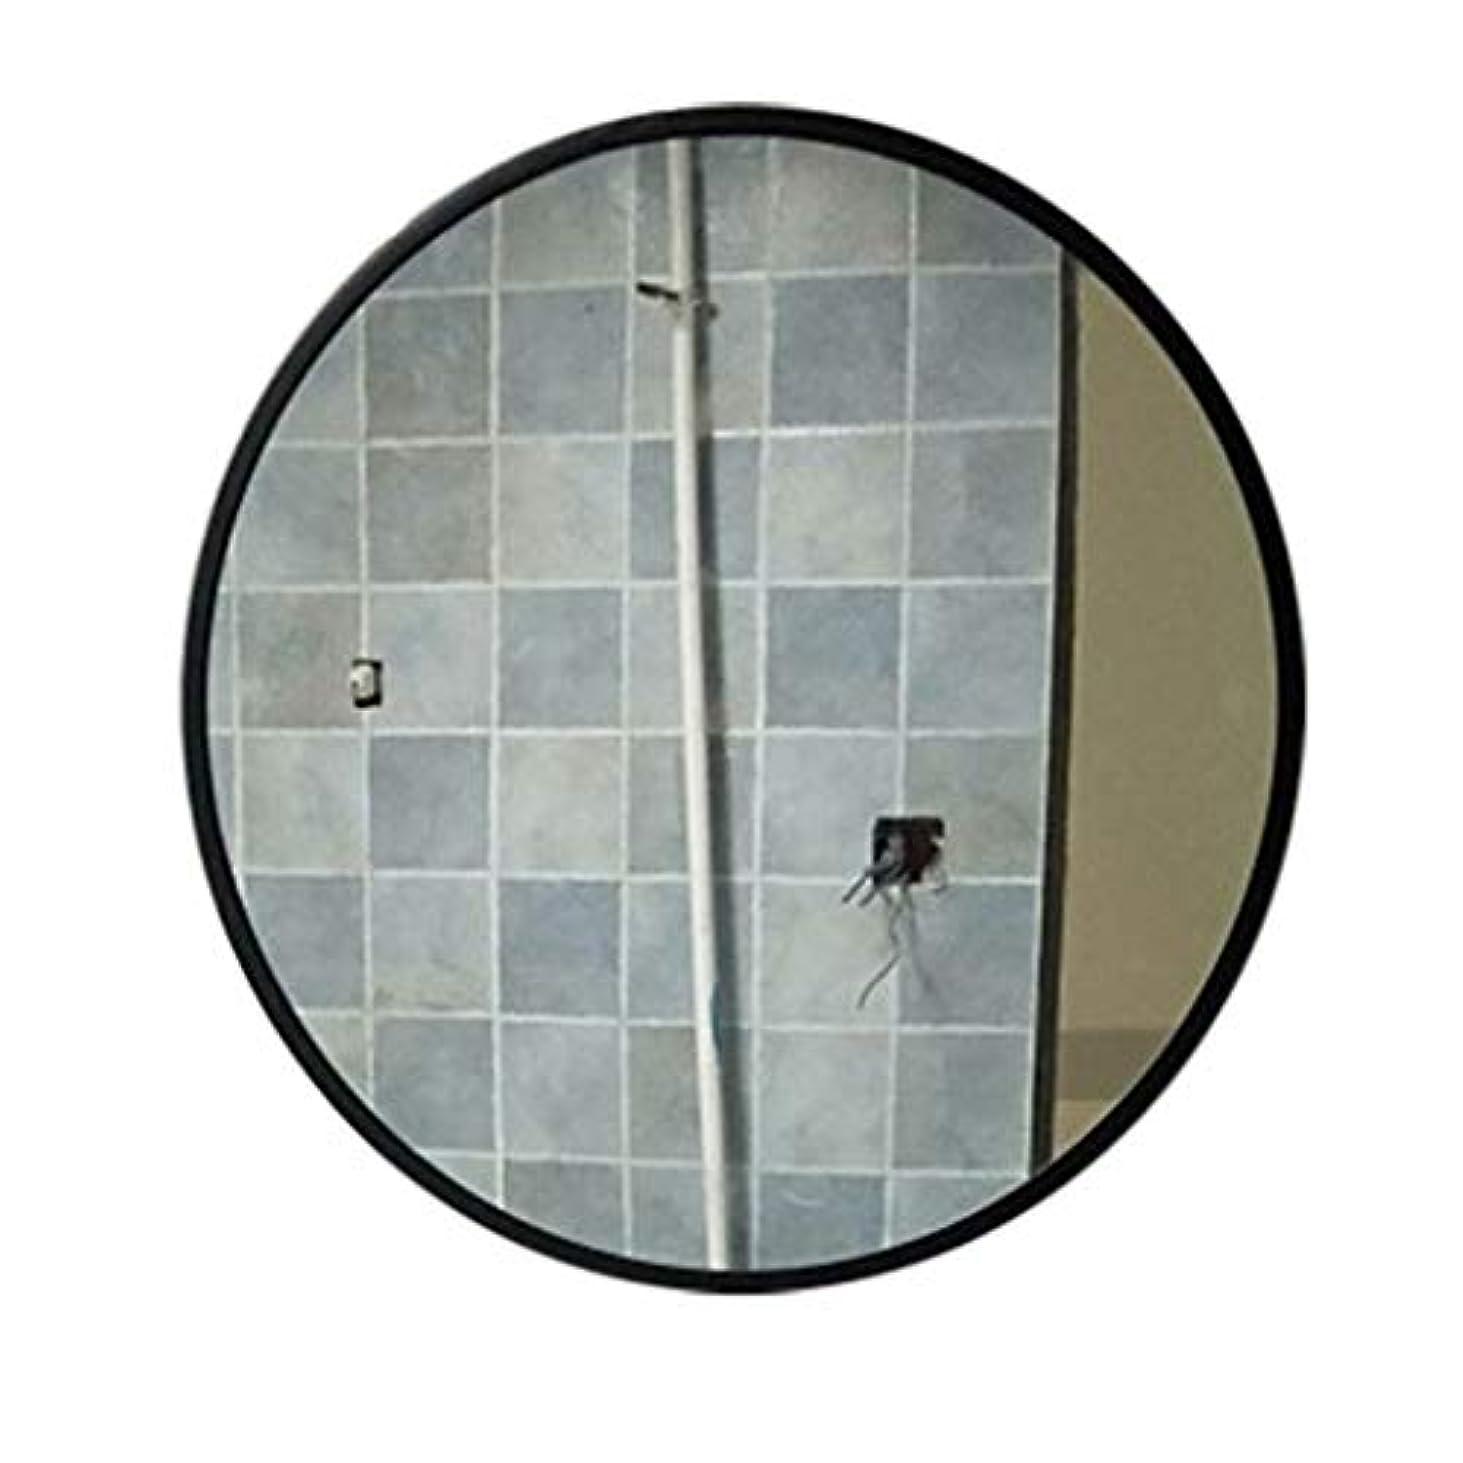 スクラッチ合成砦TYJ-JP 鏡化粧鏡壁掛け鏡装飾鏡 HD化粧鏡北欧風鏡プリンセス鏡フリーパンチガラス鏡 (Color : Gold, Size : 80*80cm)